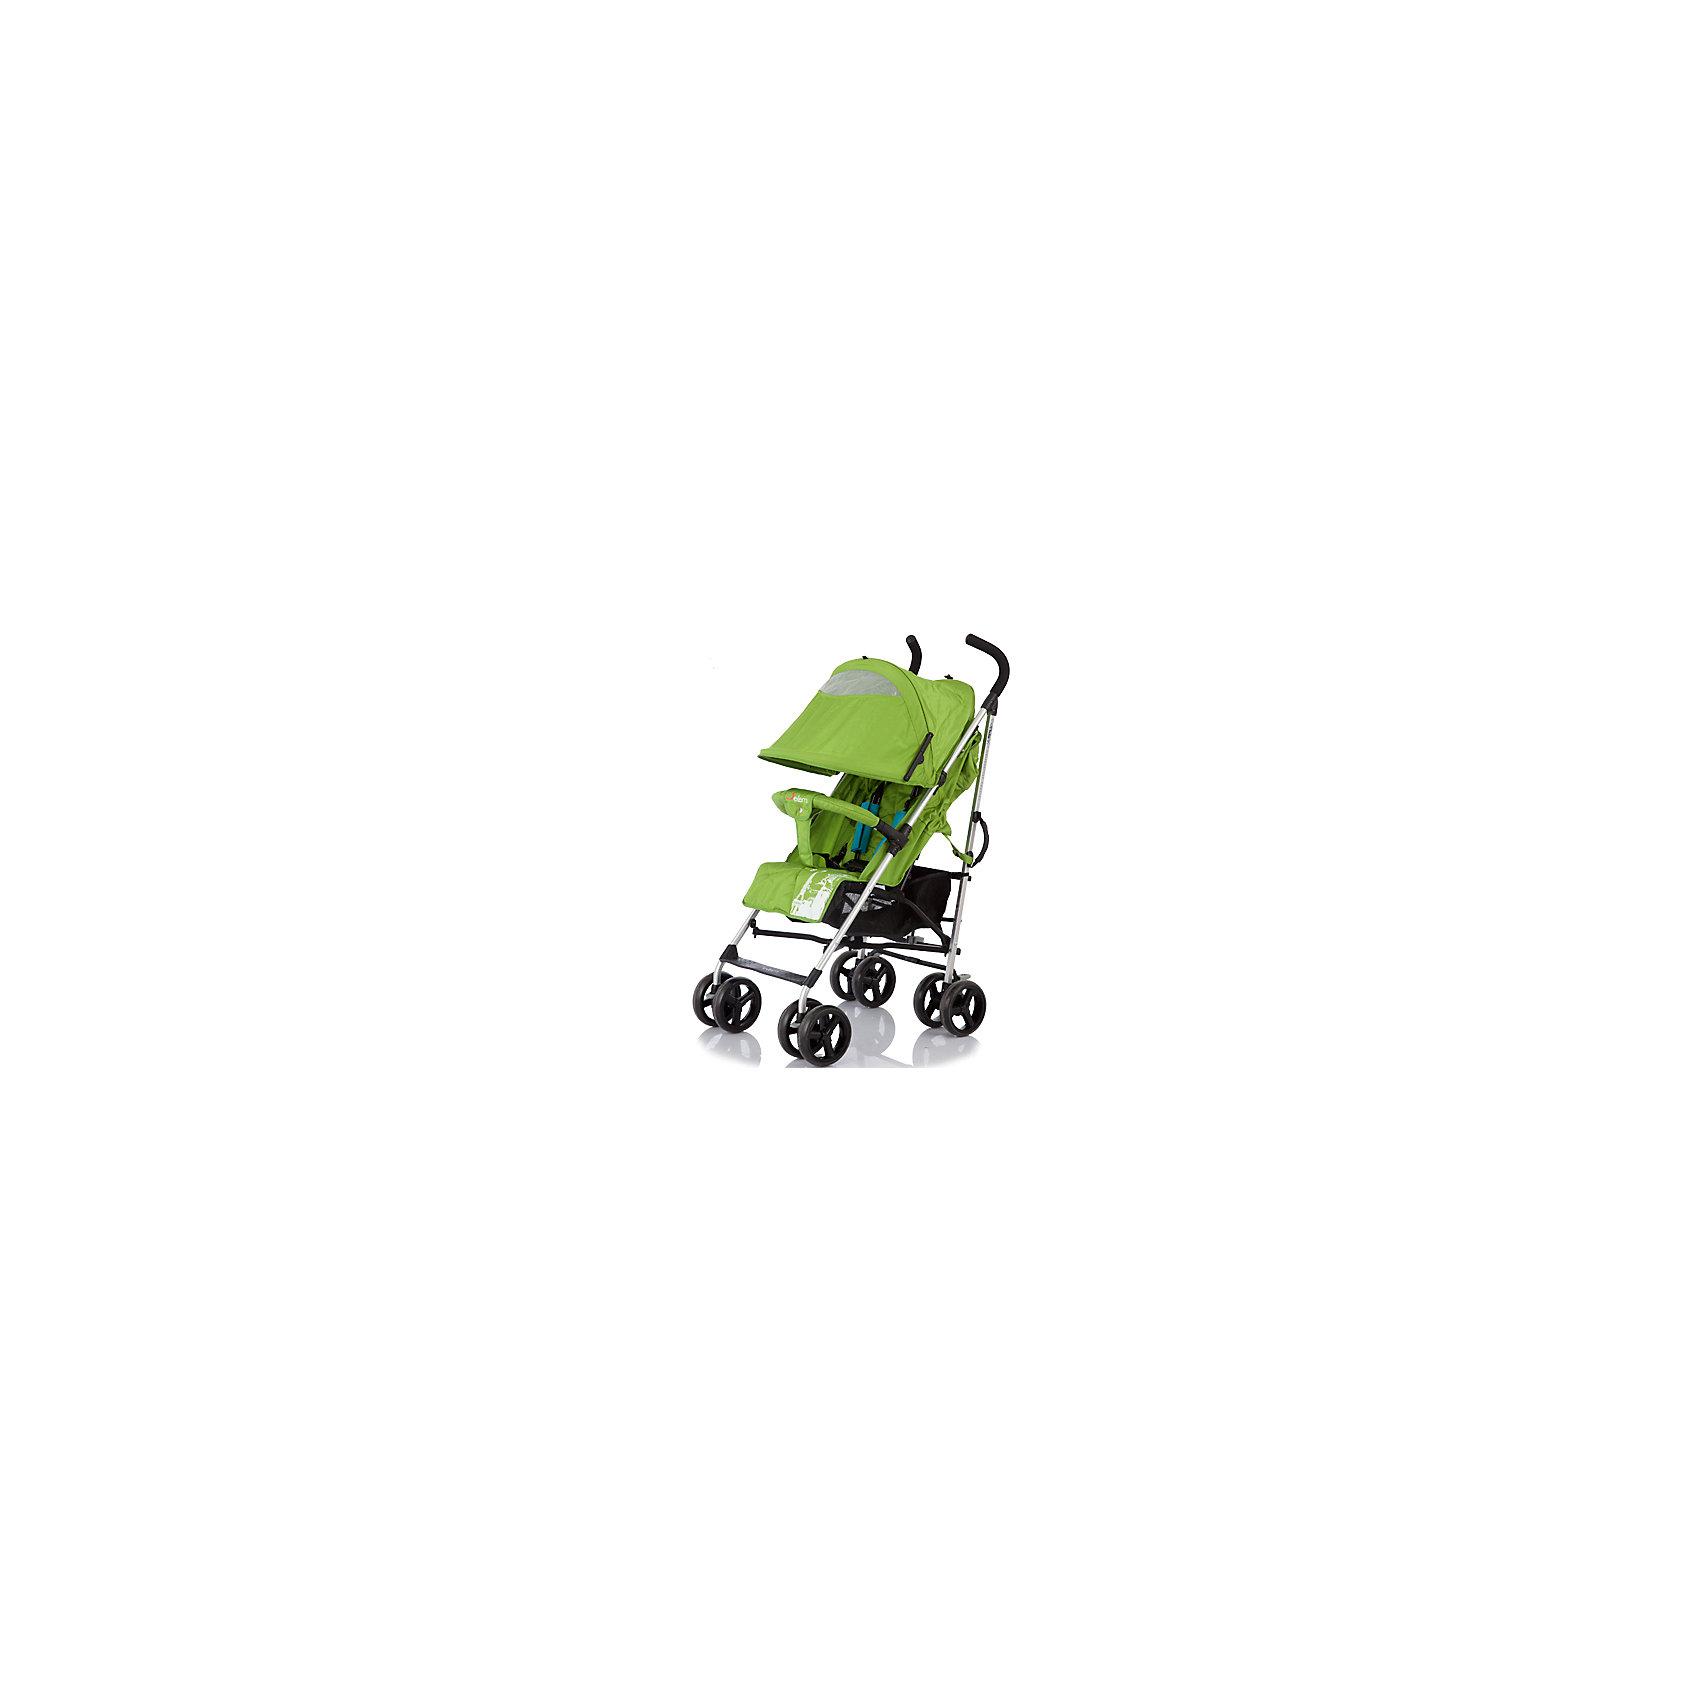 Коляска-трость Jetem Paris, зеленый